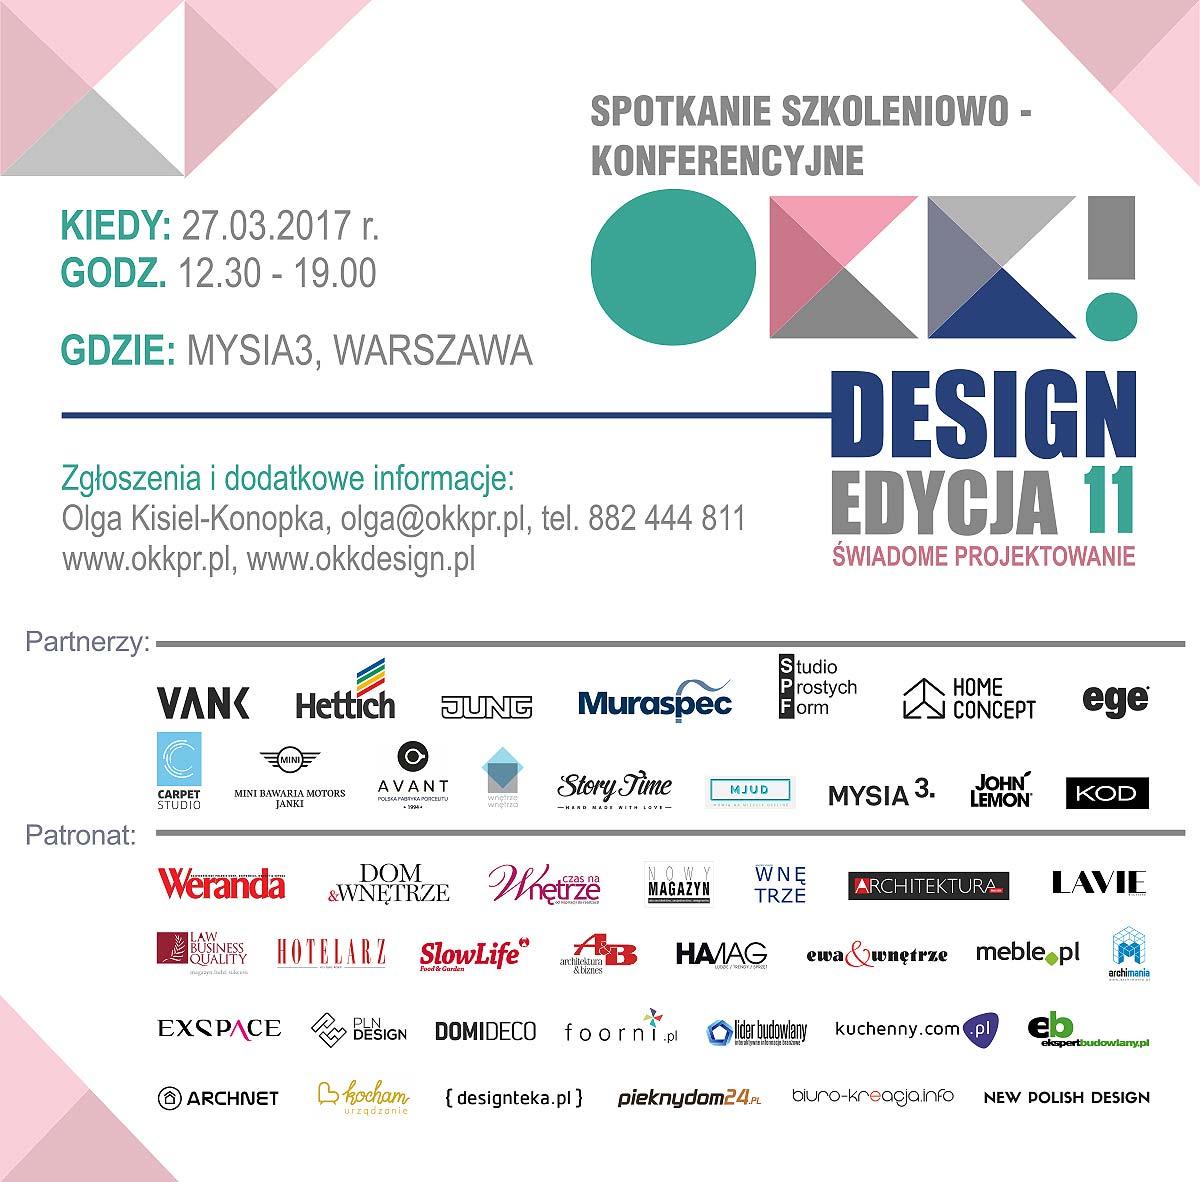 spotkanie OKK! design - 11. edycja